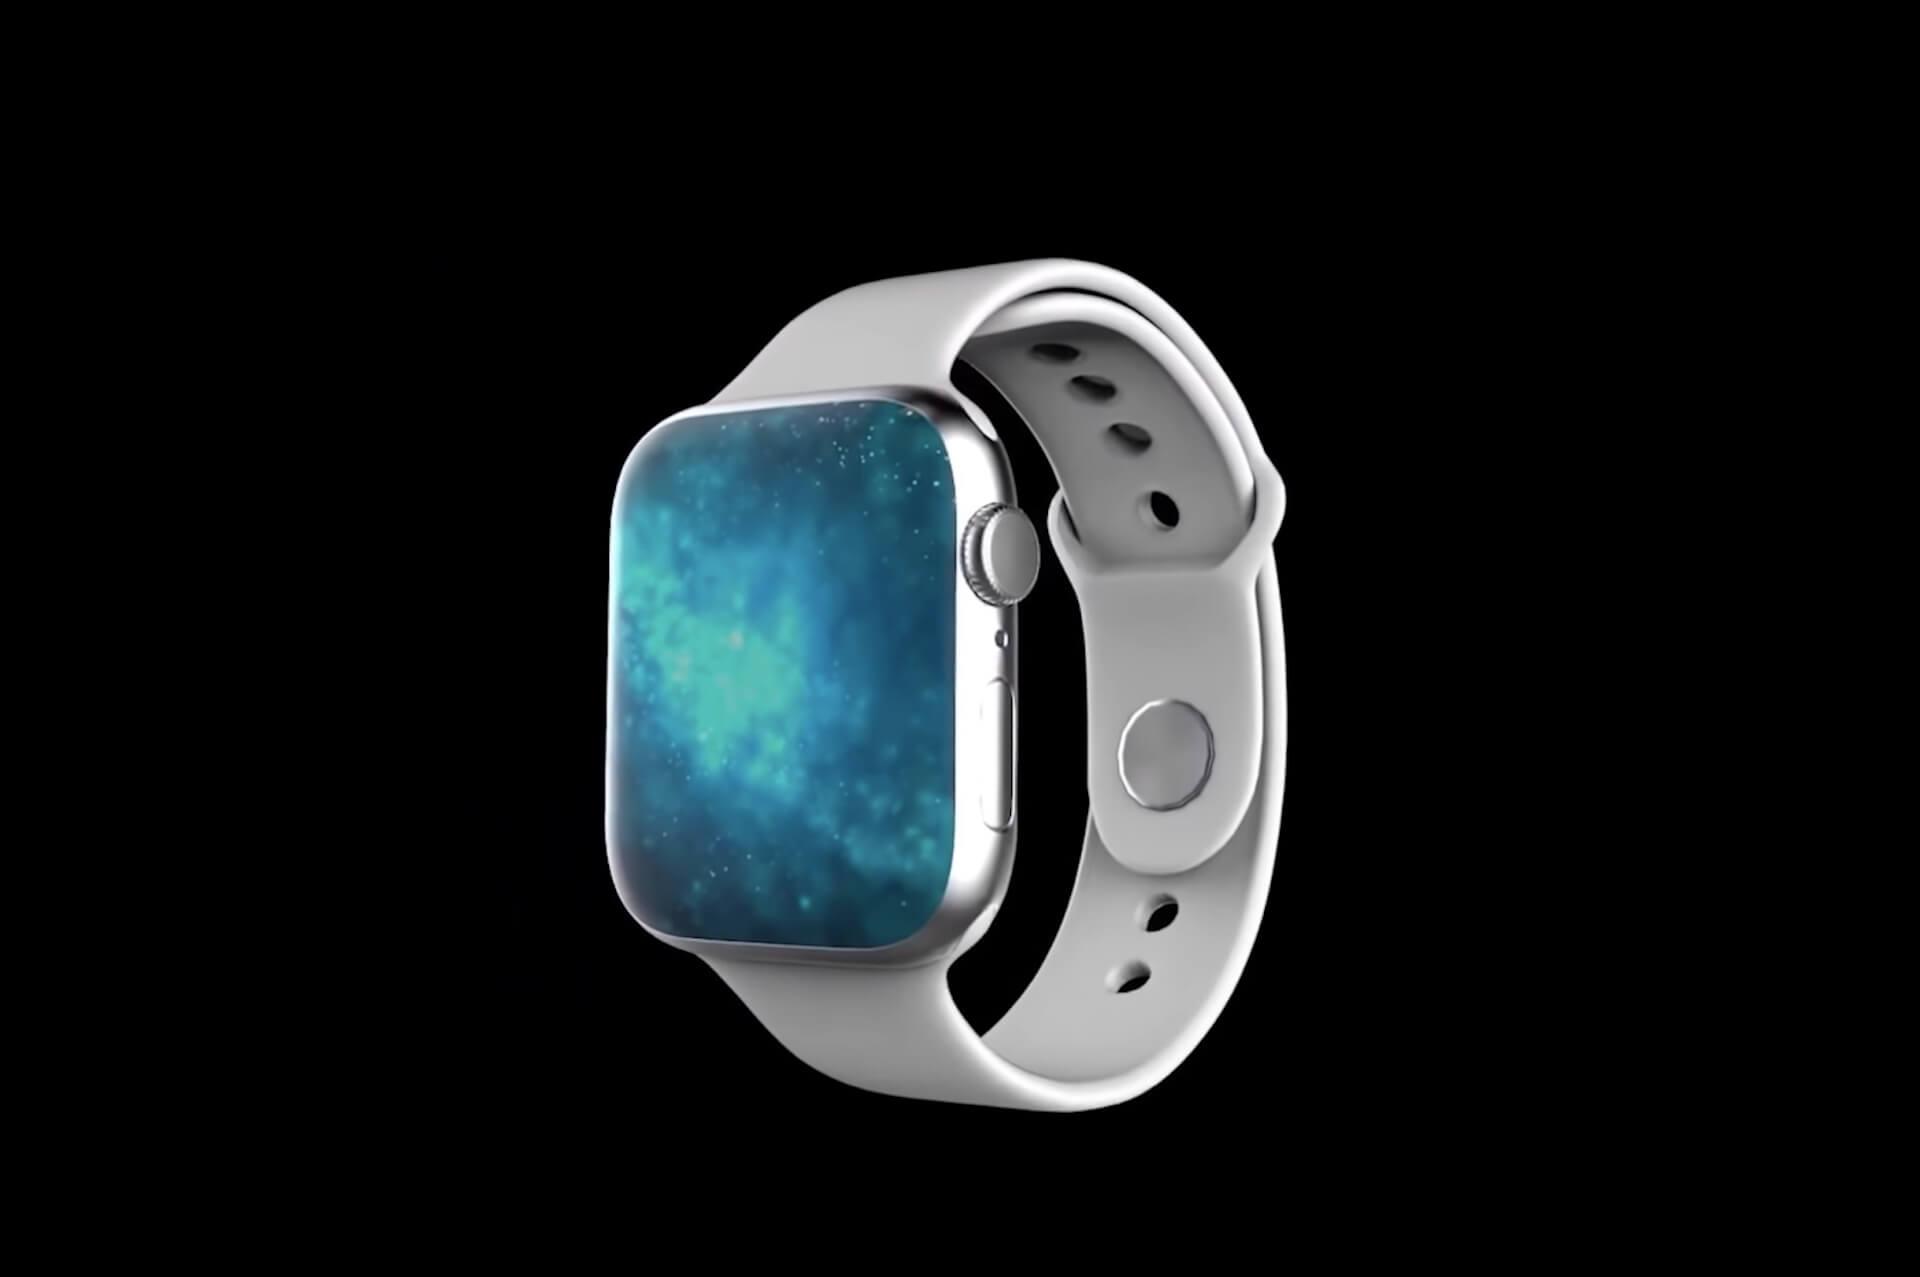 Apple Watch Series 6のディスプレイはOLEDのまま?マイクロLEDは搭載されずか tech200601_applewatch_main